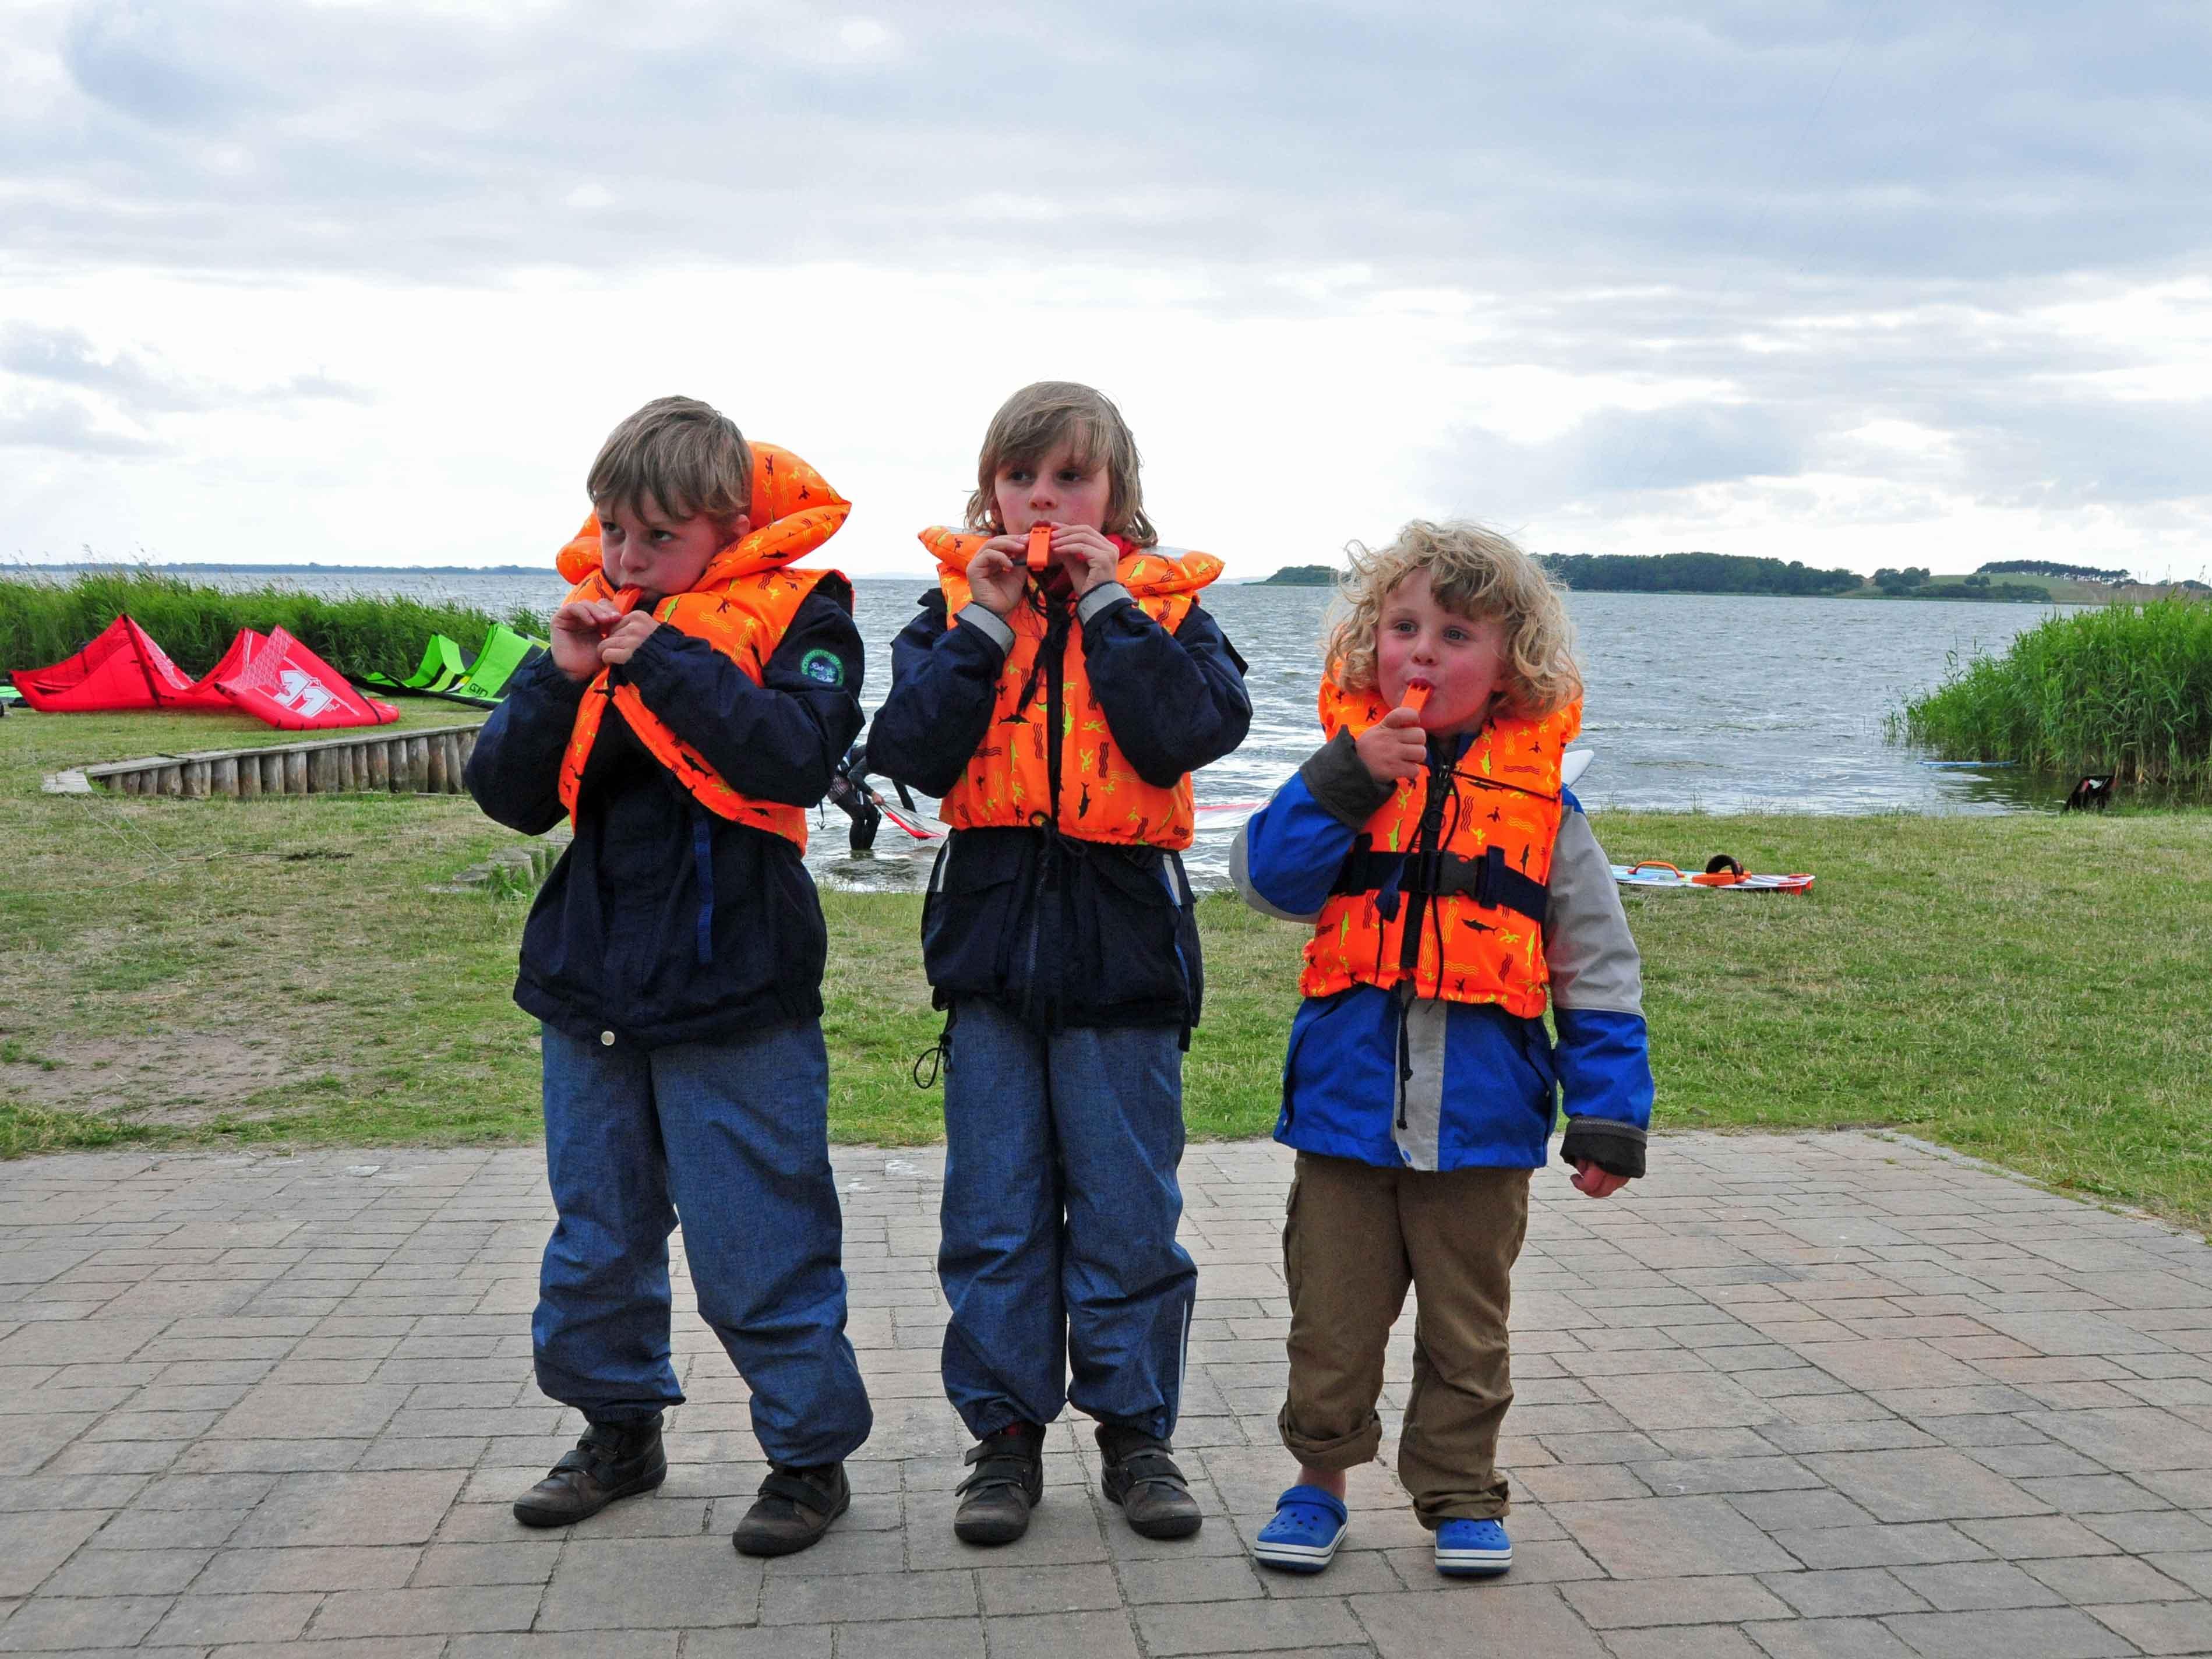 Drei Jungen in orangenen Schwimmwesten vor dem Café Knatter  in Ückeritz,  Familienurlaub Usedom, Tipps Familienreise, Aktivurlaub mit der Familie, Usedom-Urlaub, Reiseblog. Reisefeder